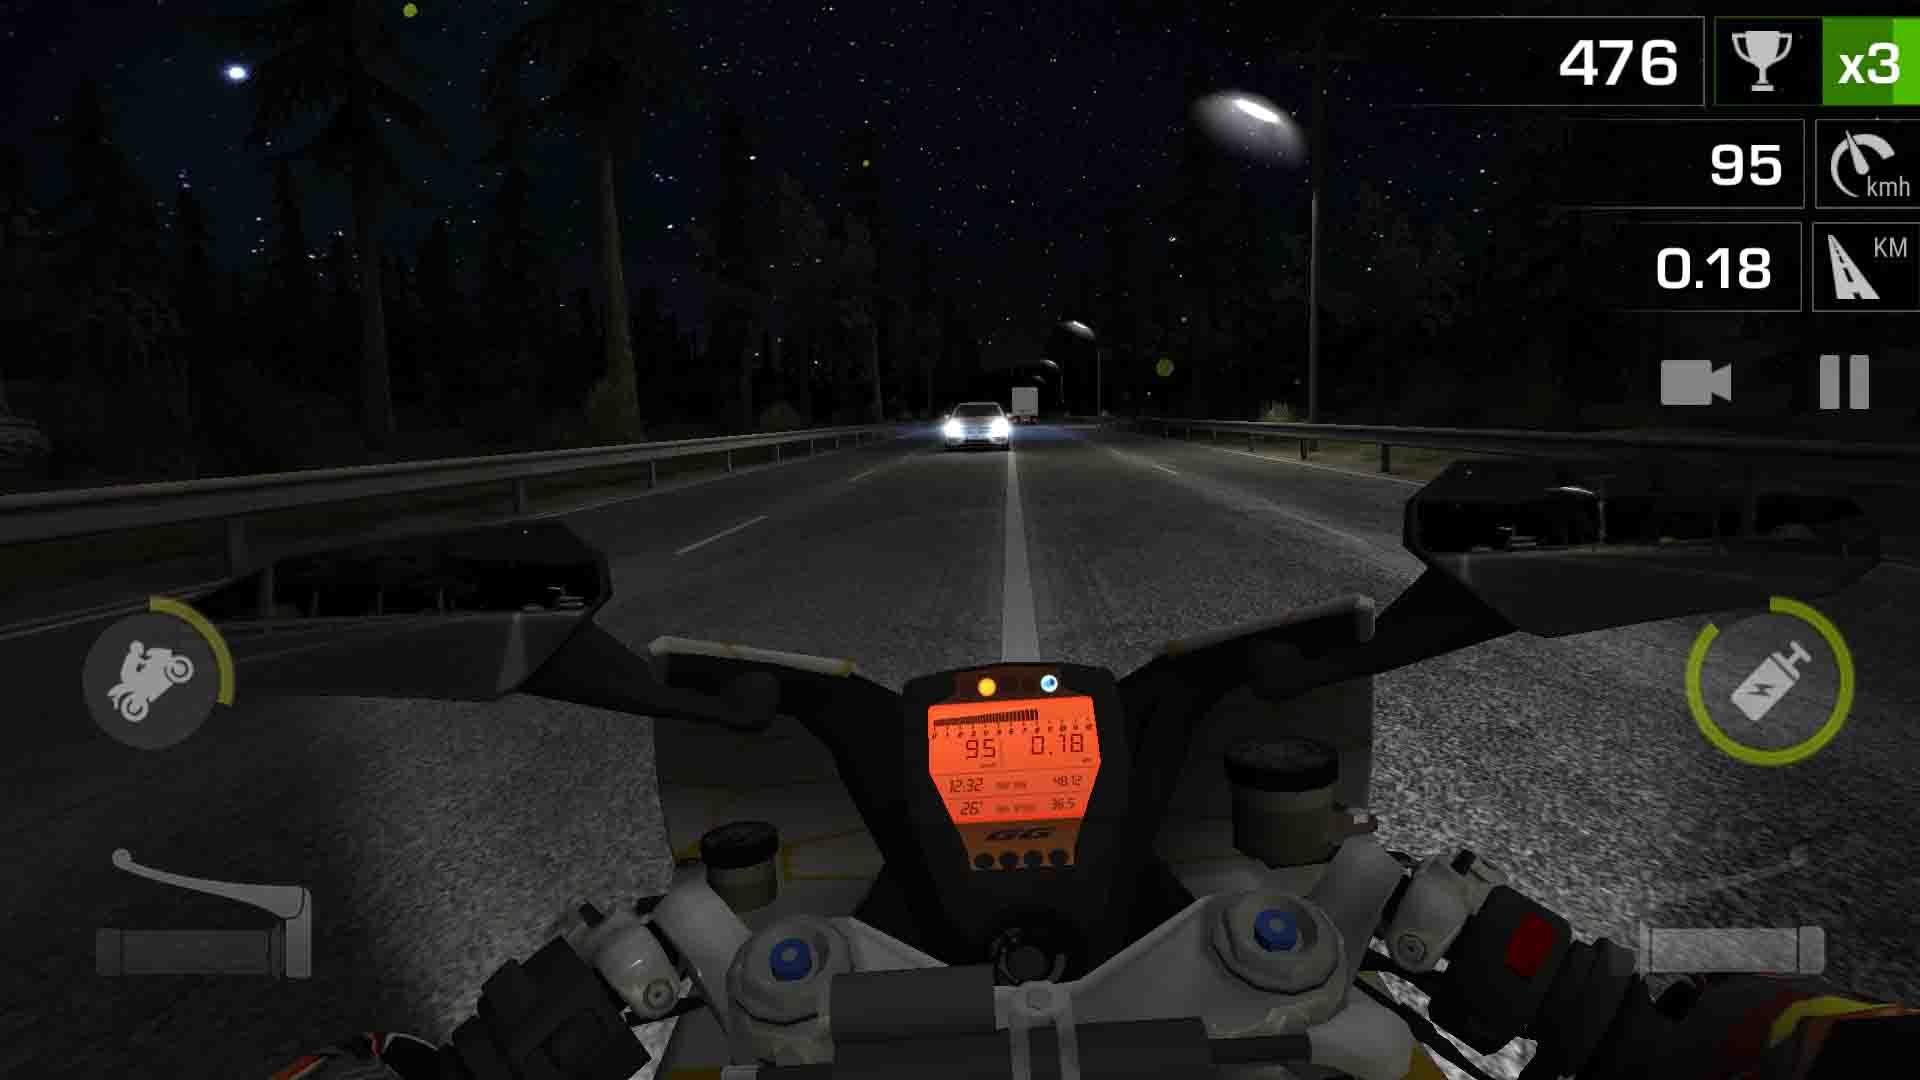 بازی تیفانی بی نهایت دانلود بازی Racing Fever: Moto با پول بی نهایت | دانلود رایگان